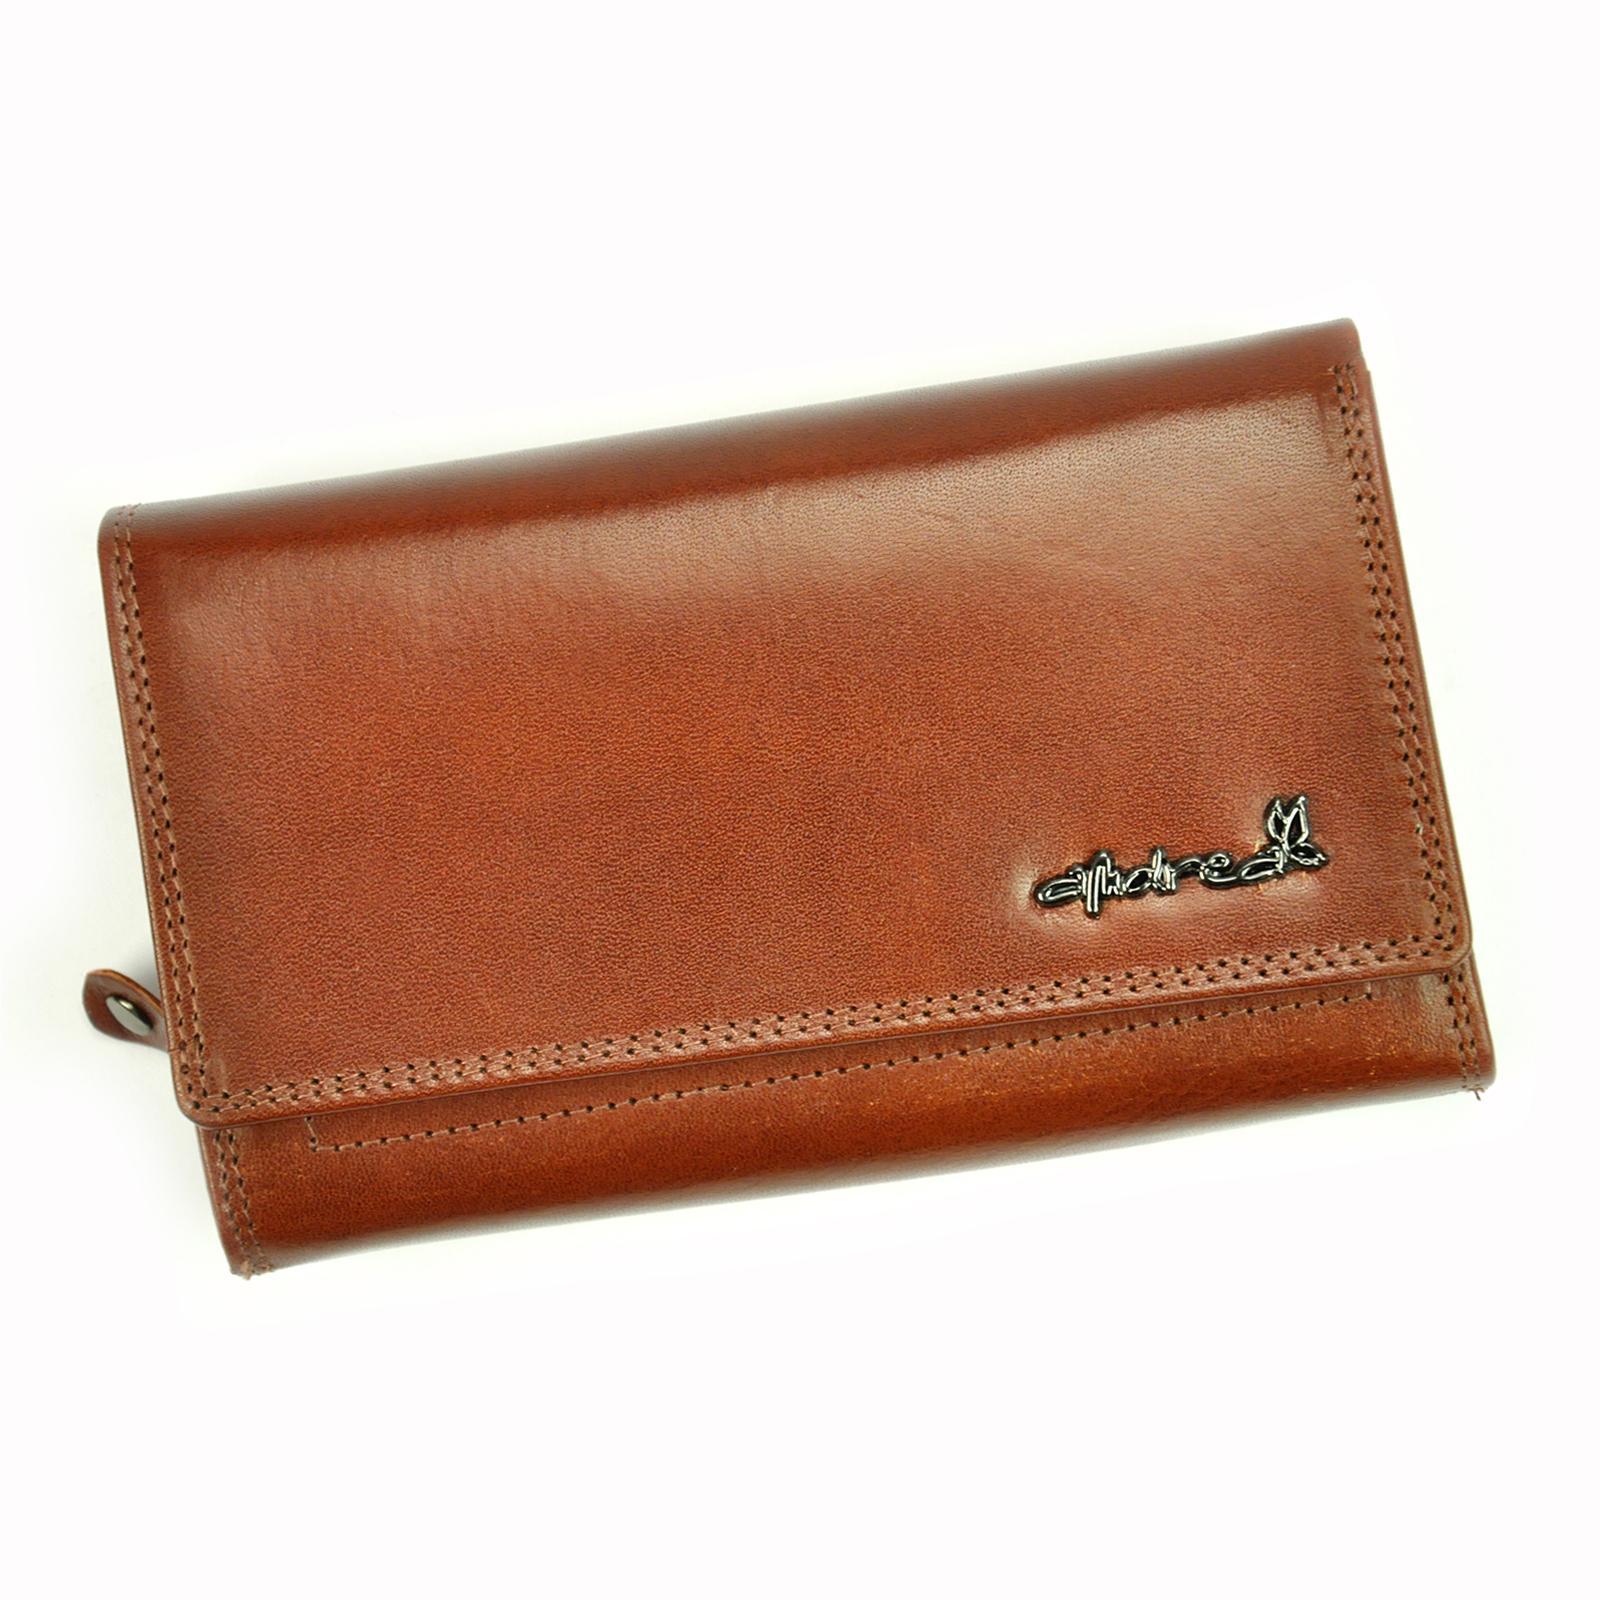 Kožená dámska peňaženka Andrea RO 13